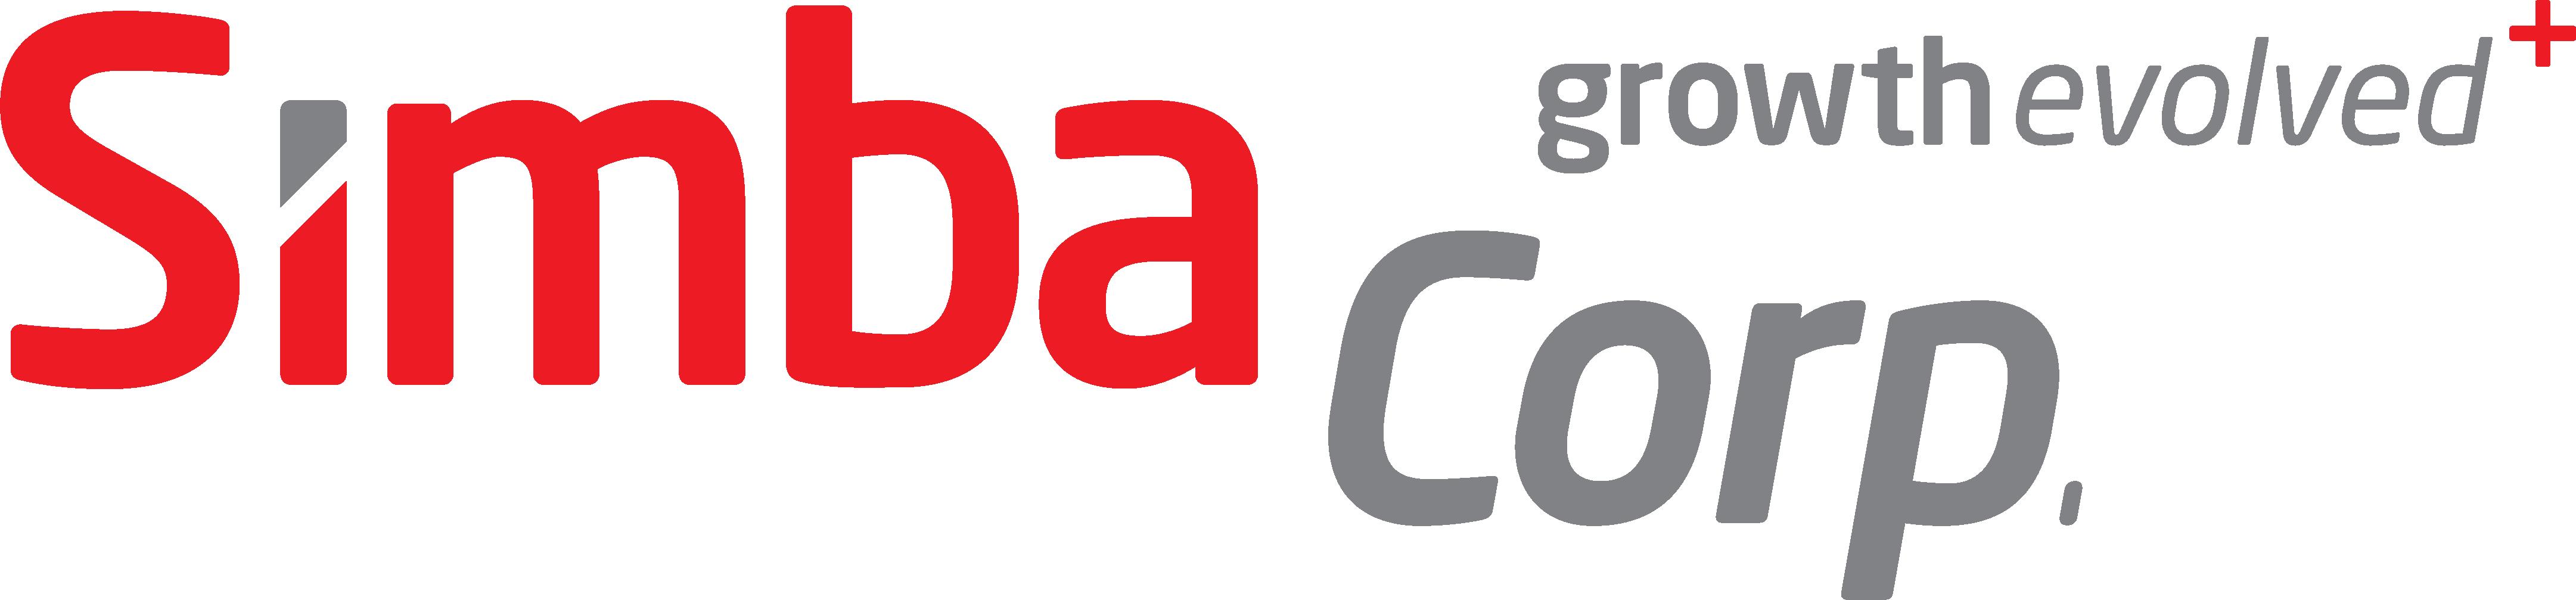 Simba Corp